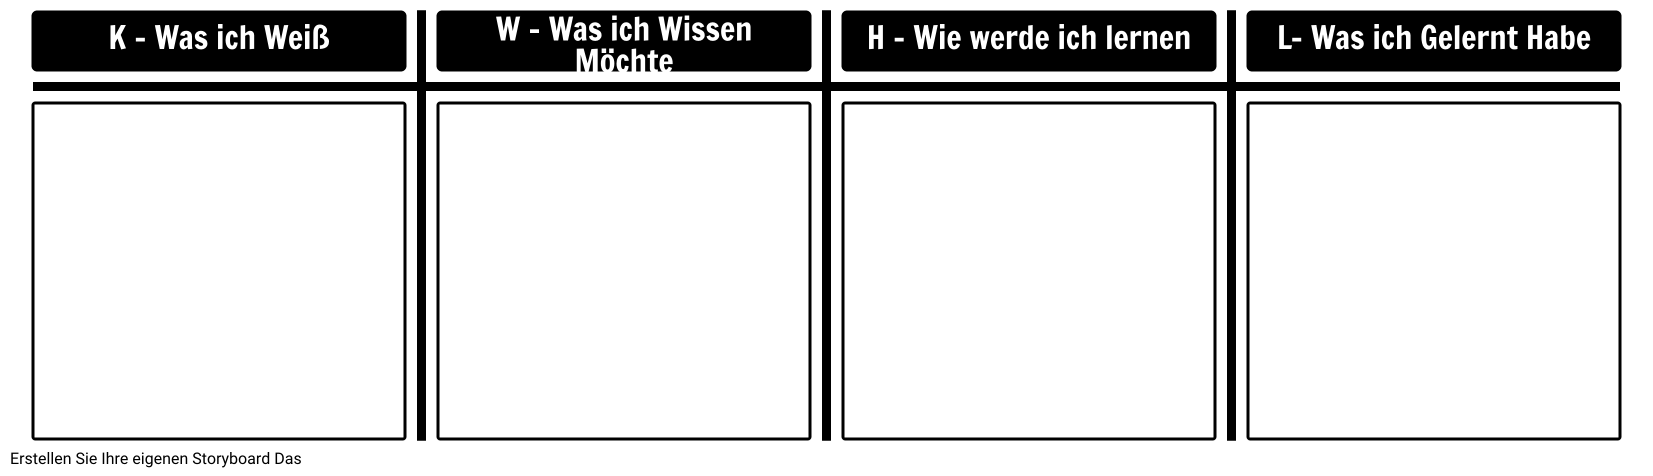 Erfreut Akkord Diagramm Vorlage Bilder - Beispielzusammenfassung ...